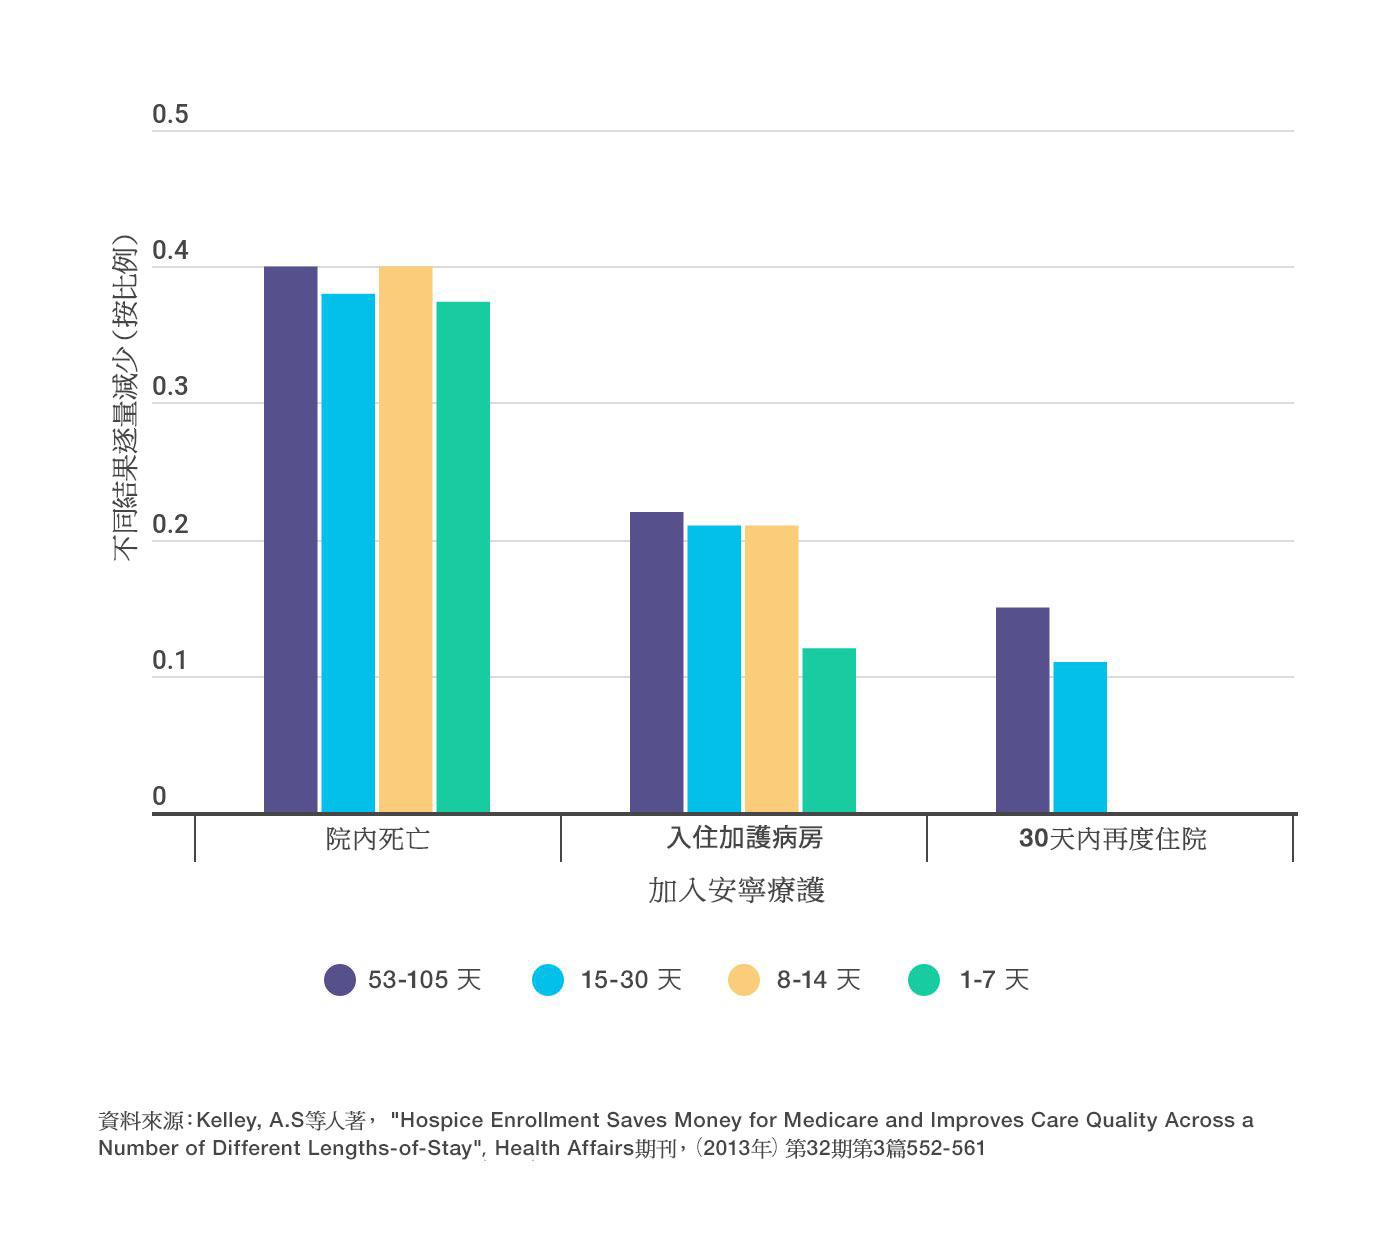 根據每個註冊期所進行的調查,加入安寧療護服務可大幅降低住院死亡率、入住加護病房,及30天再度住院率等情形。